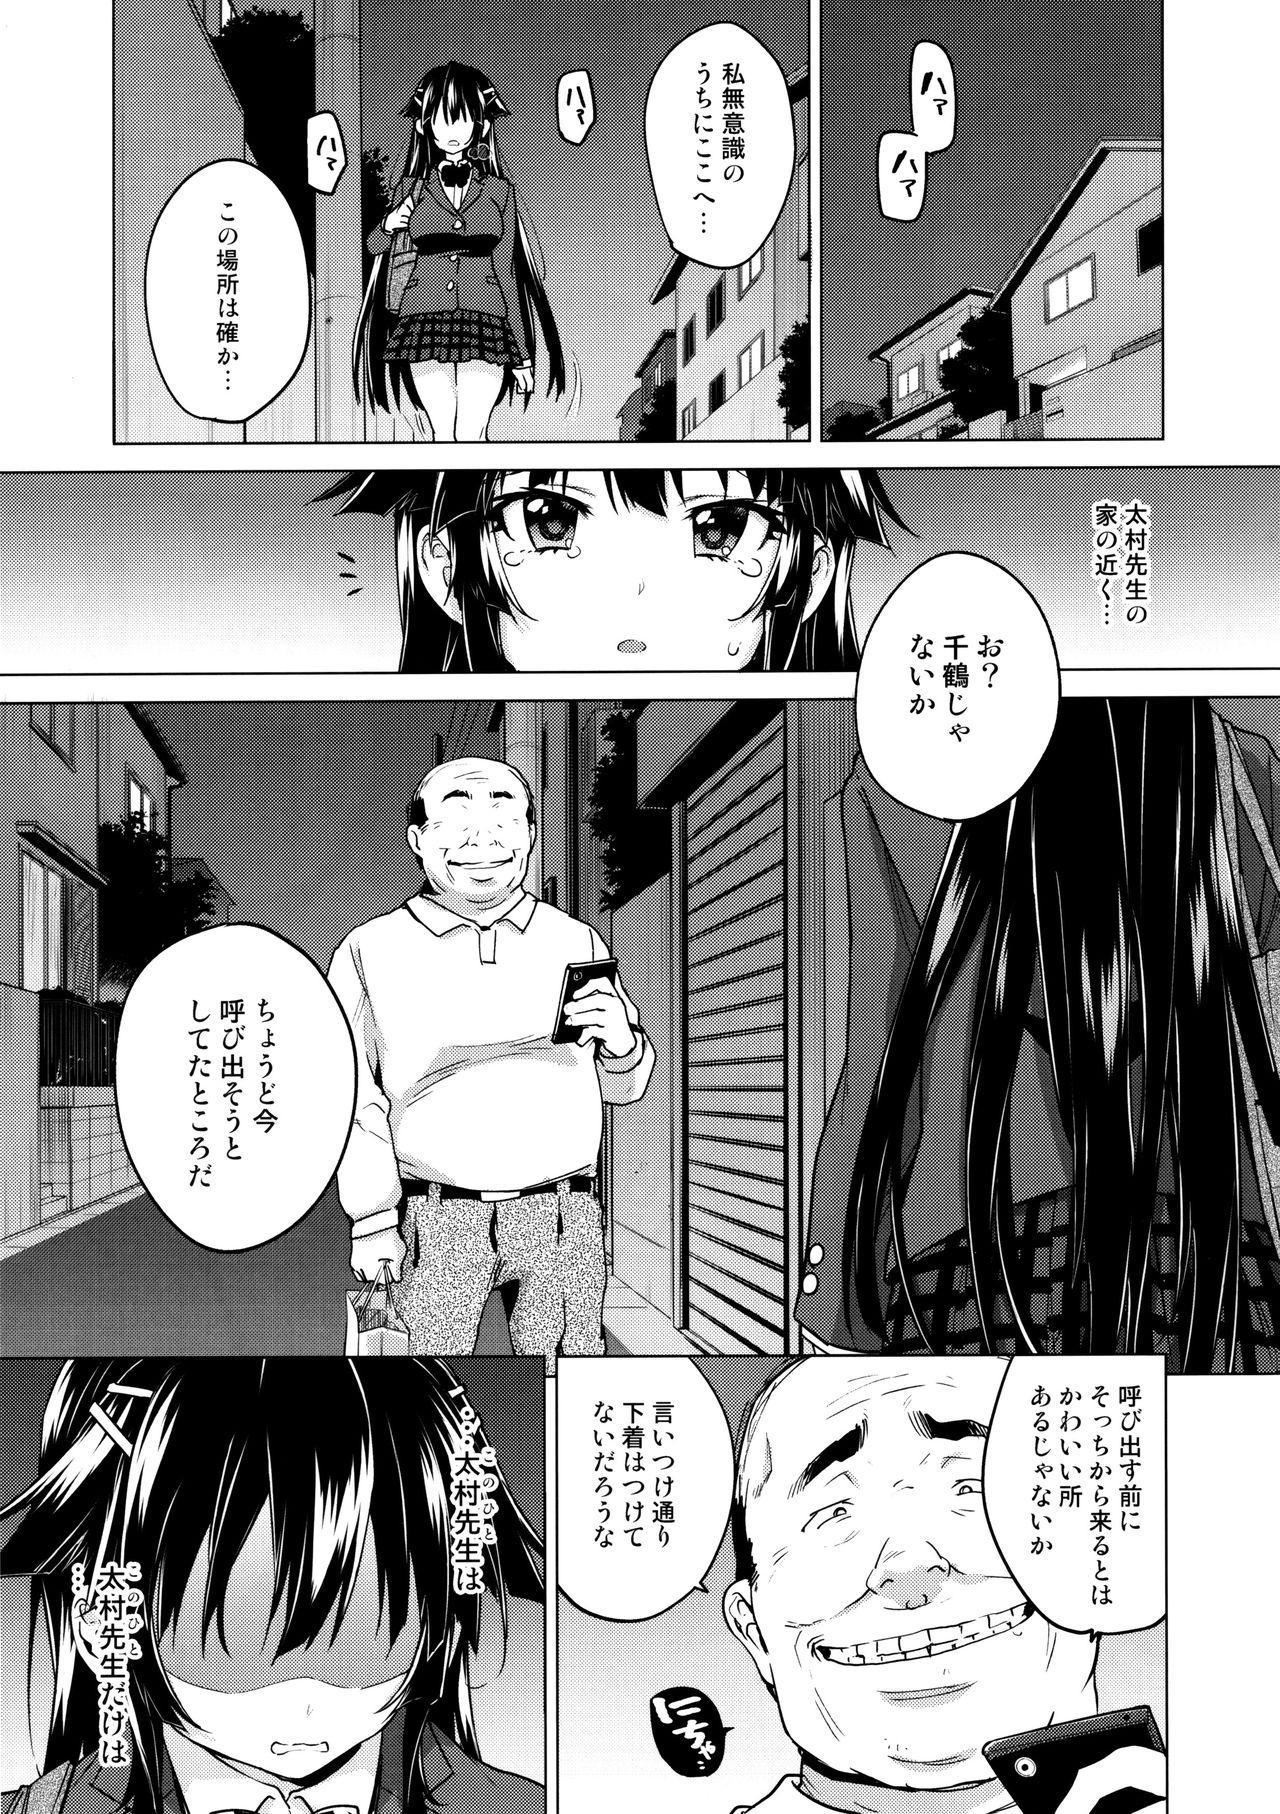 Chizuru-chan Kaihatsu Nikki 5 15